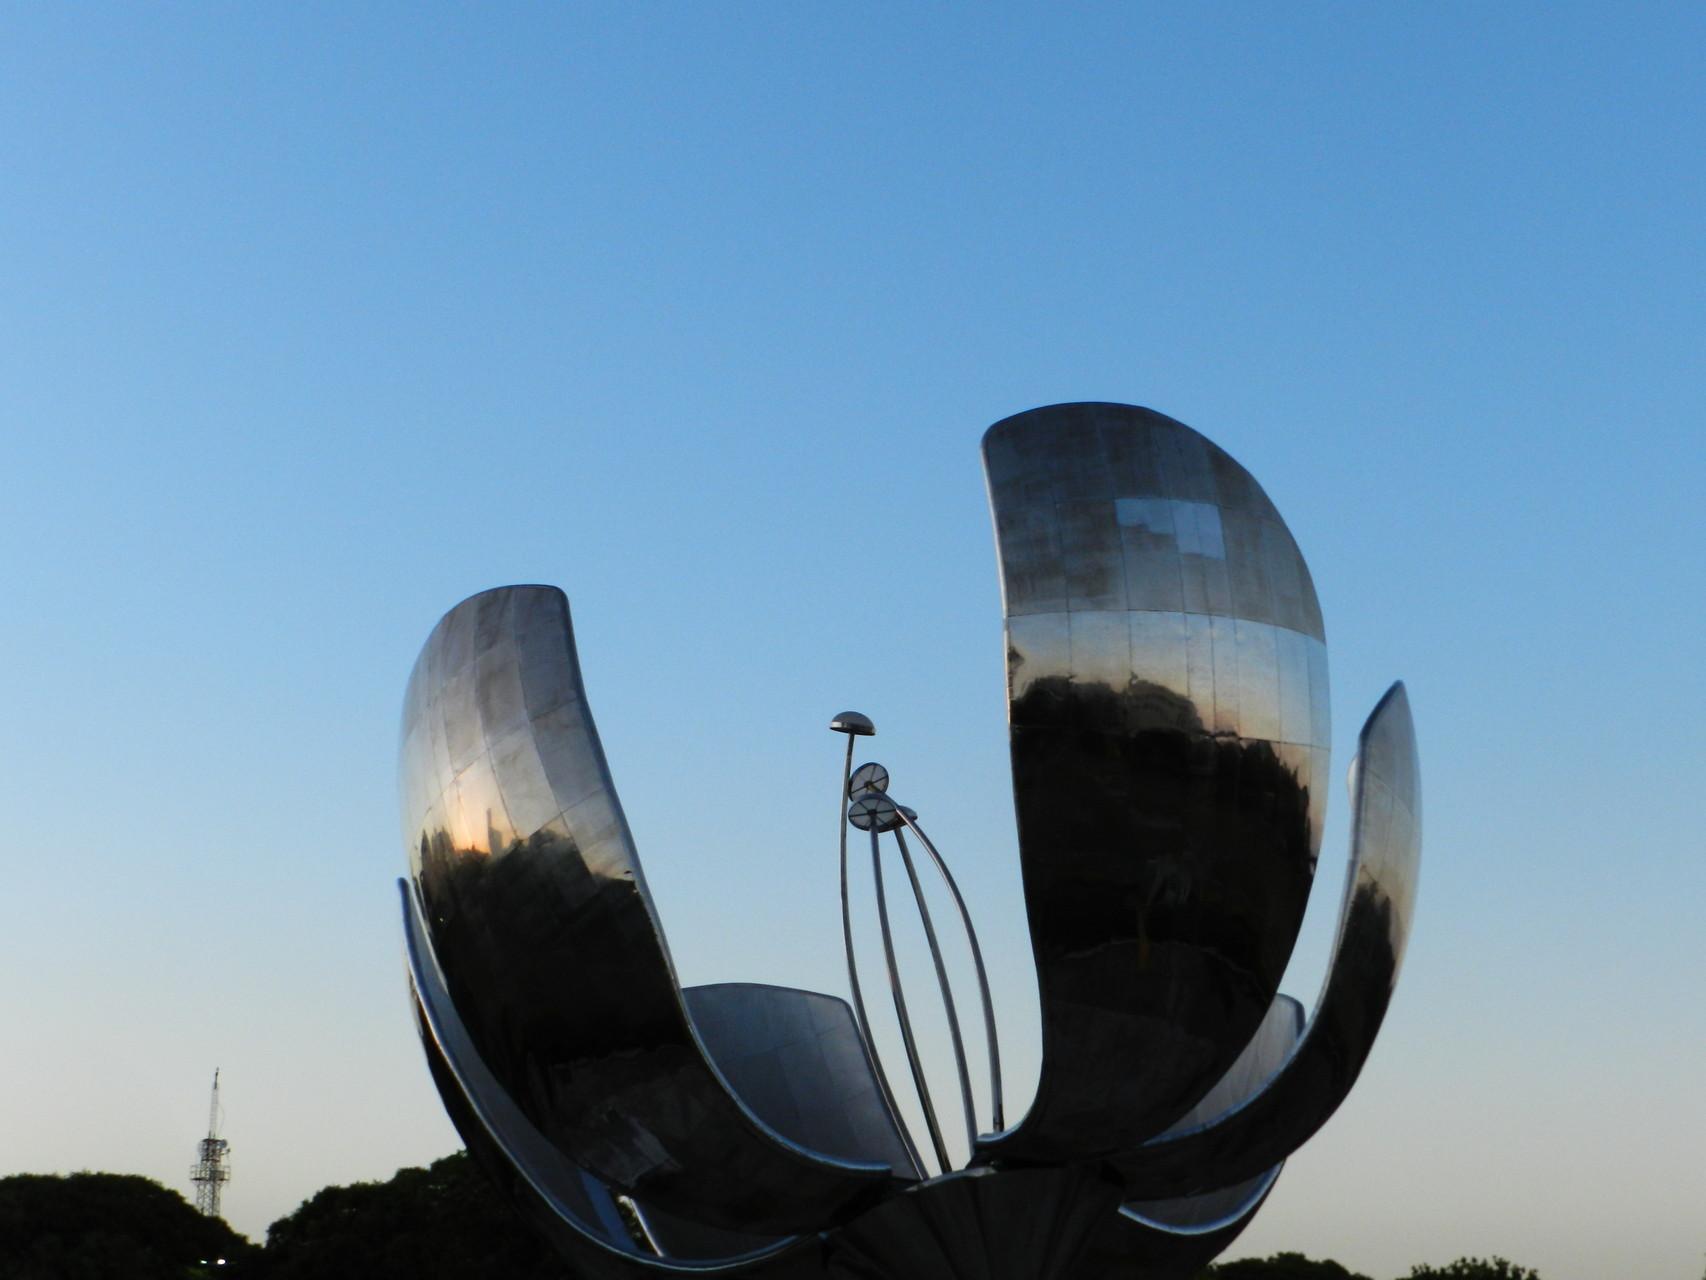 Dieses Kunstwerk stellt eine Blume dar, die ihre Blütenblätter mit der Sonne öffnet, dreht und schließt. Wie eine echte Blume eben.